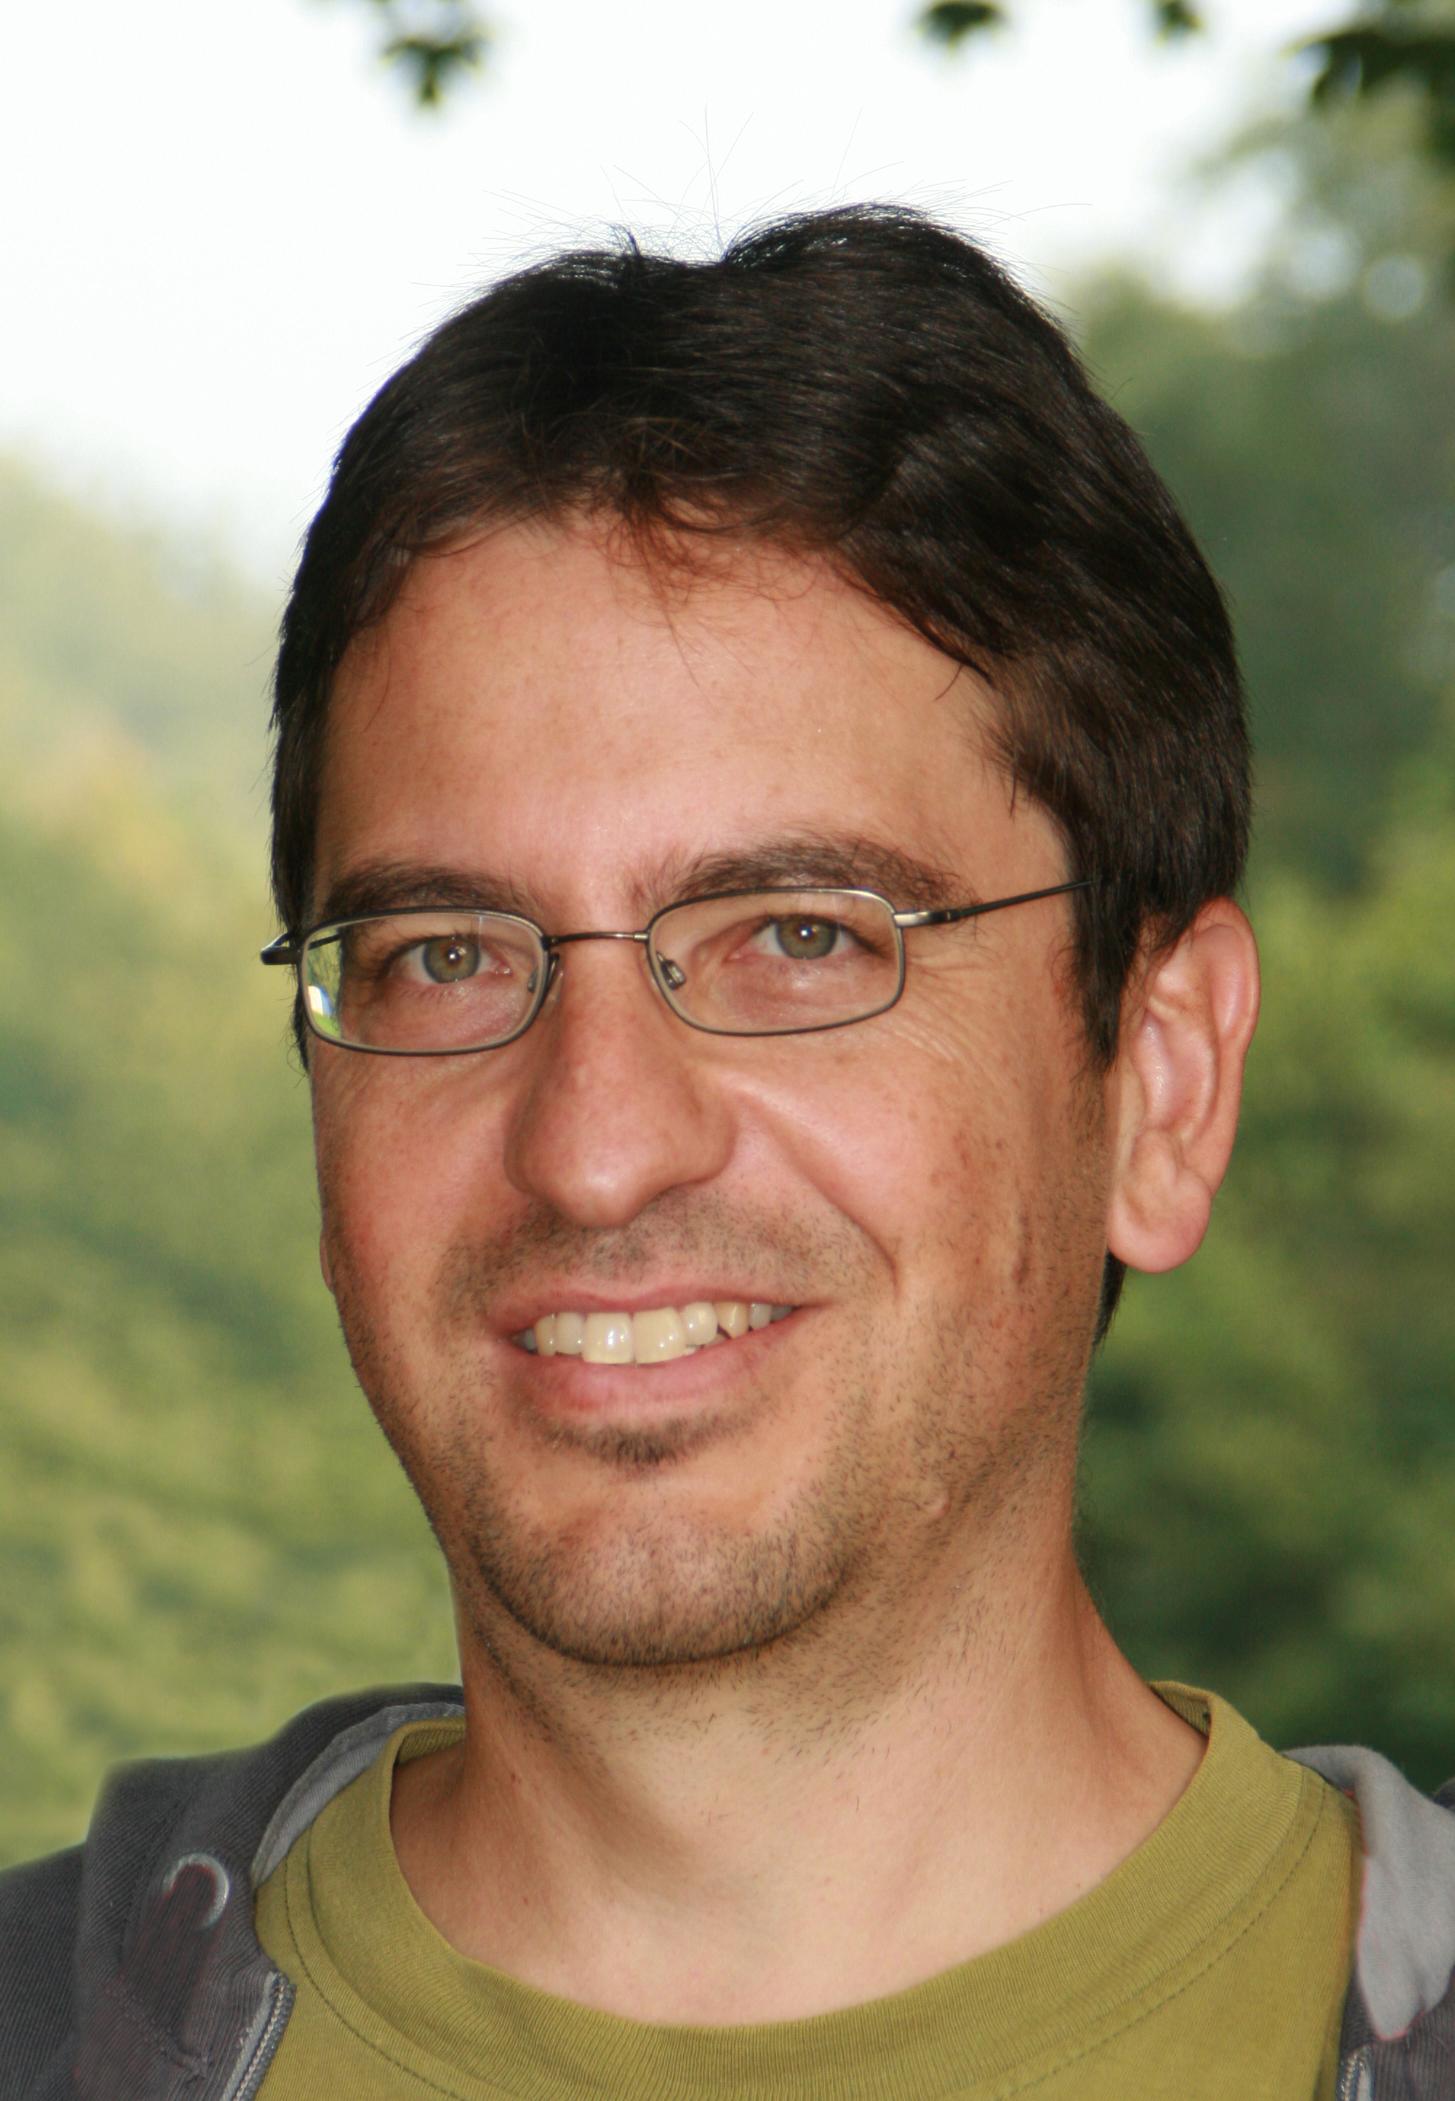 Gregor Bucher